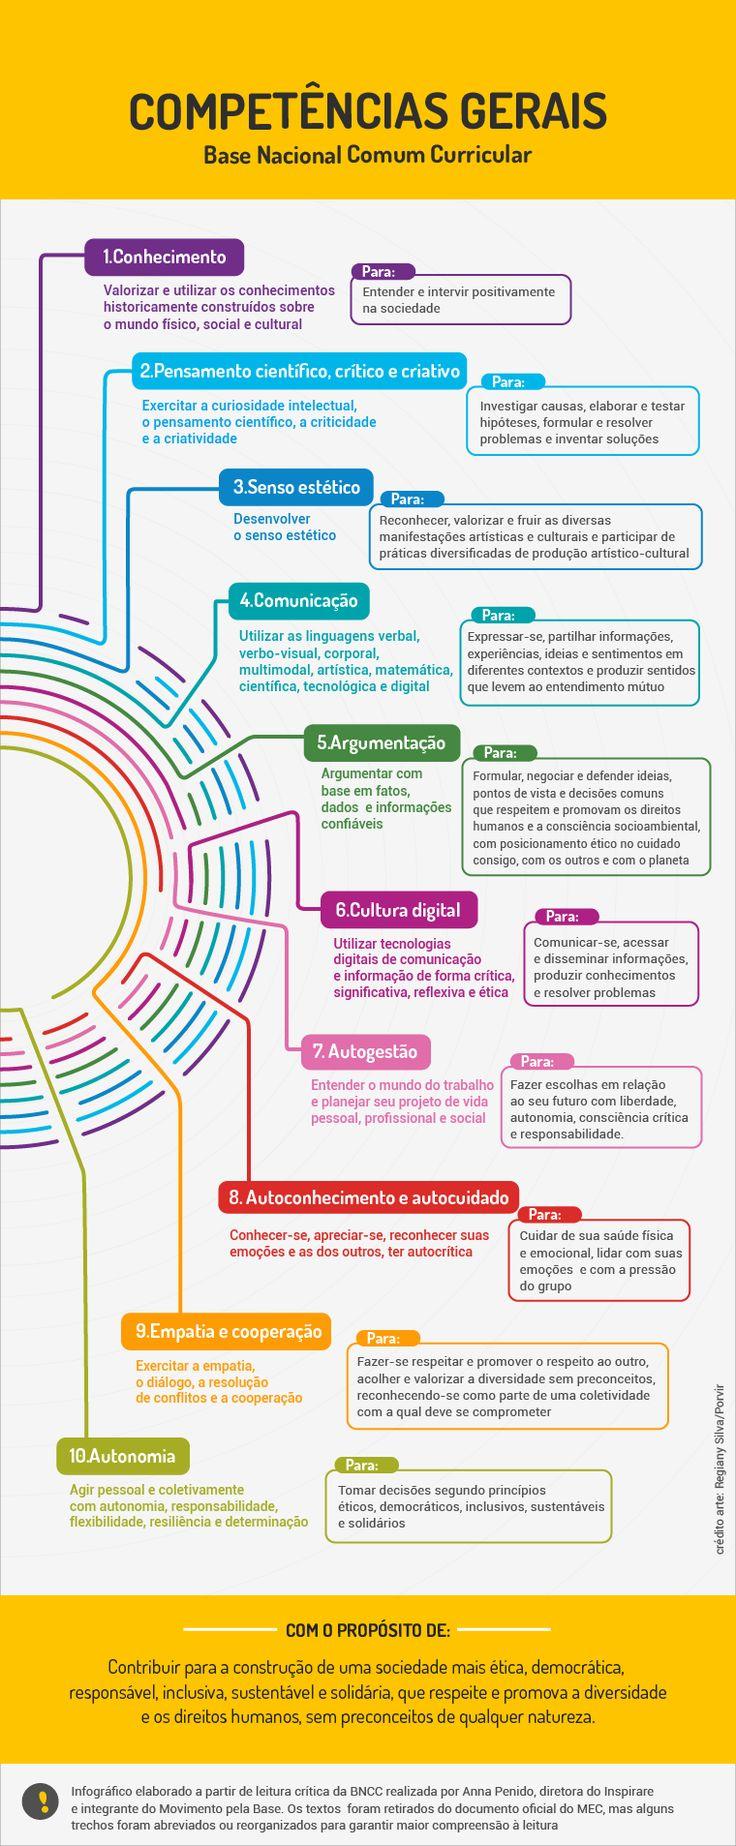 Infográfico criado pelo Porvir facilita a compreensão das competências que devem ser desenvolvidas ao longo da educação básica